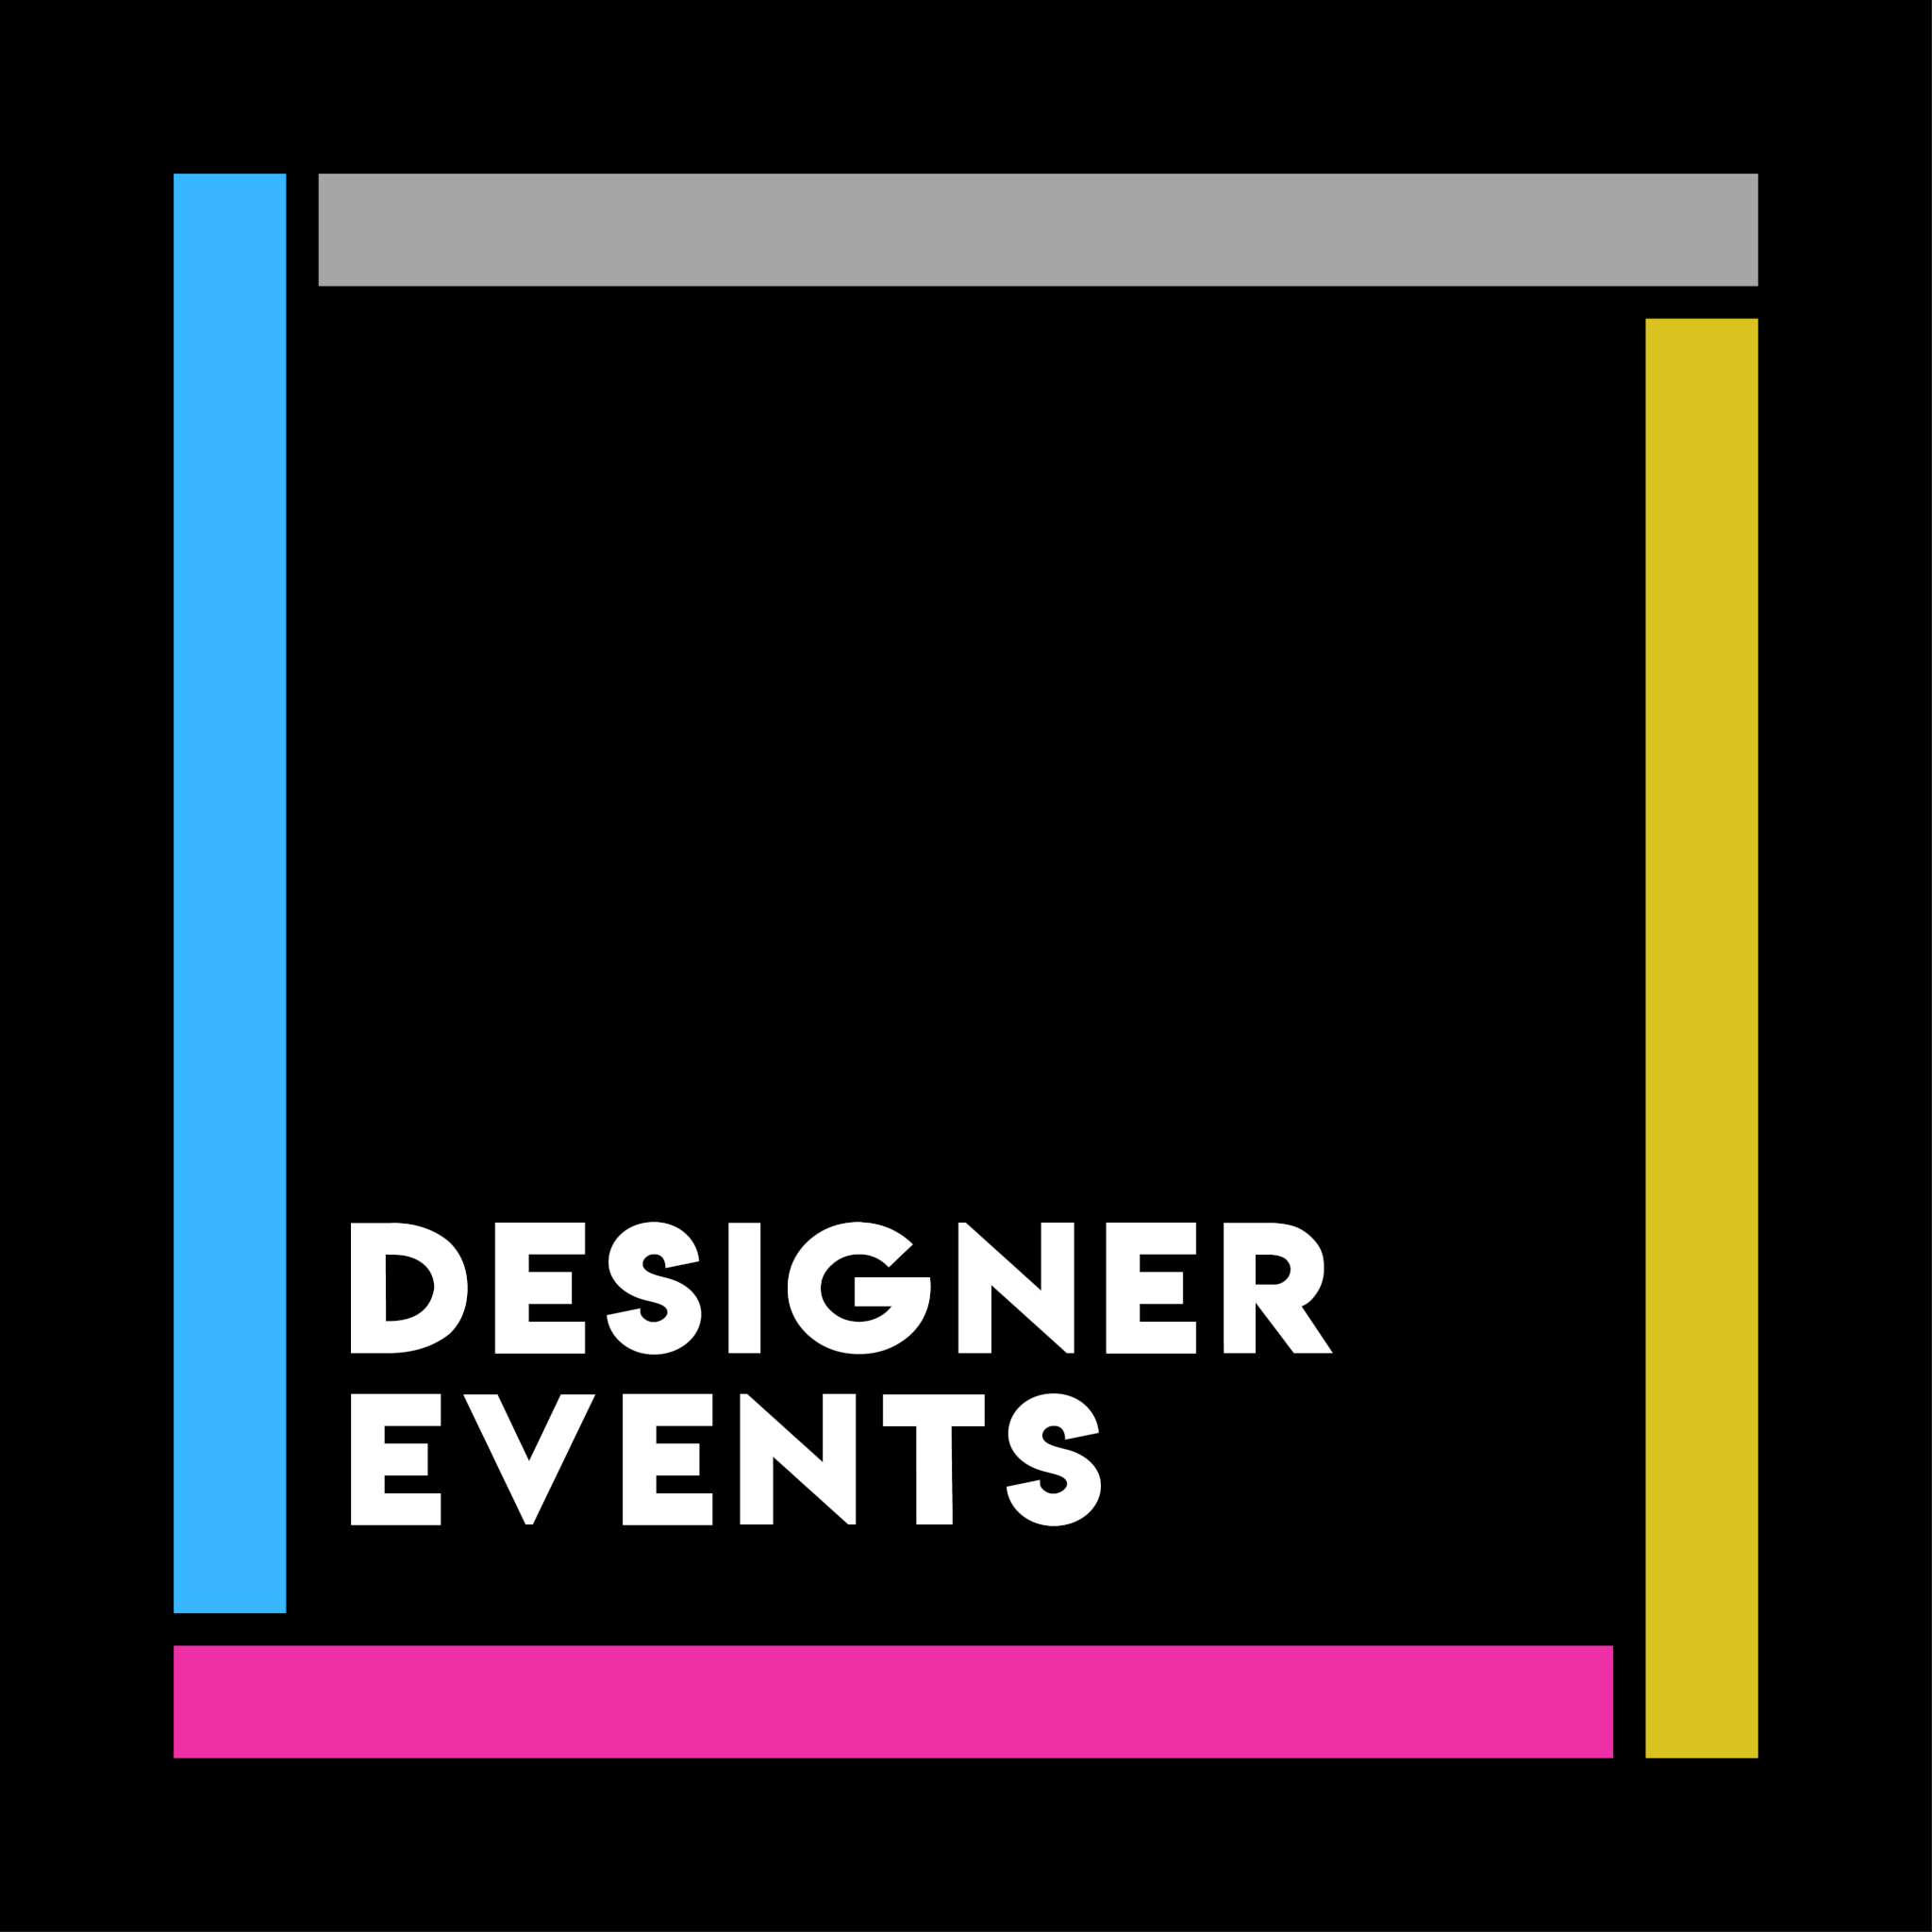 Designer Events